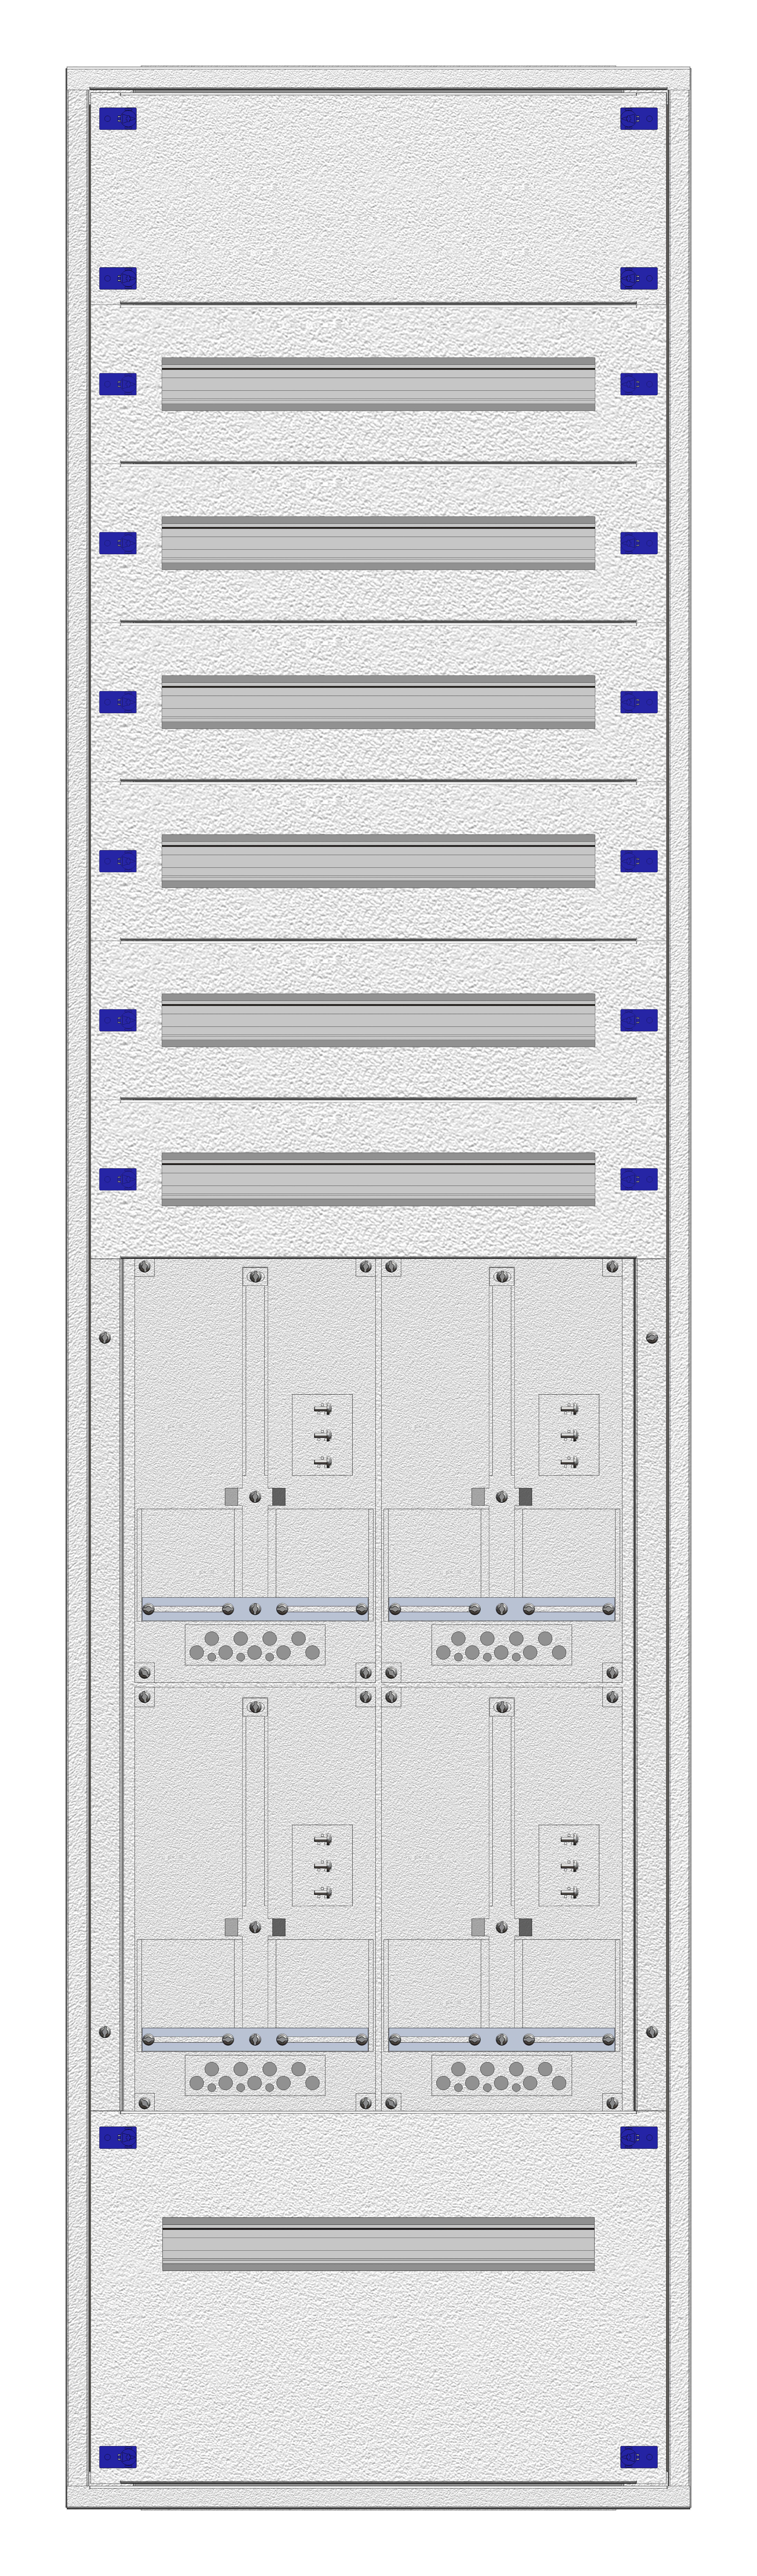 1 Stk Aufputz-Zählerverteiler 2A-45G/OOE 4ZP, H2160B590T250mm IL162245OS